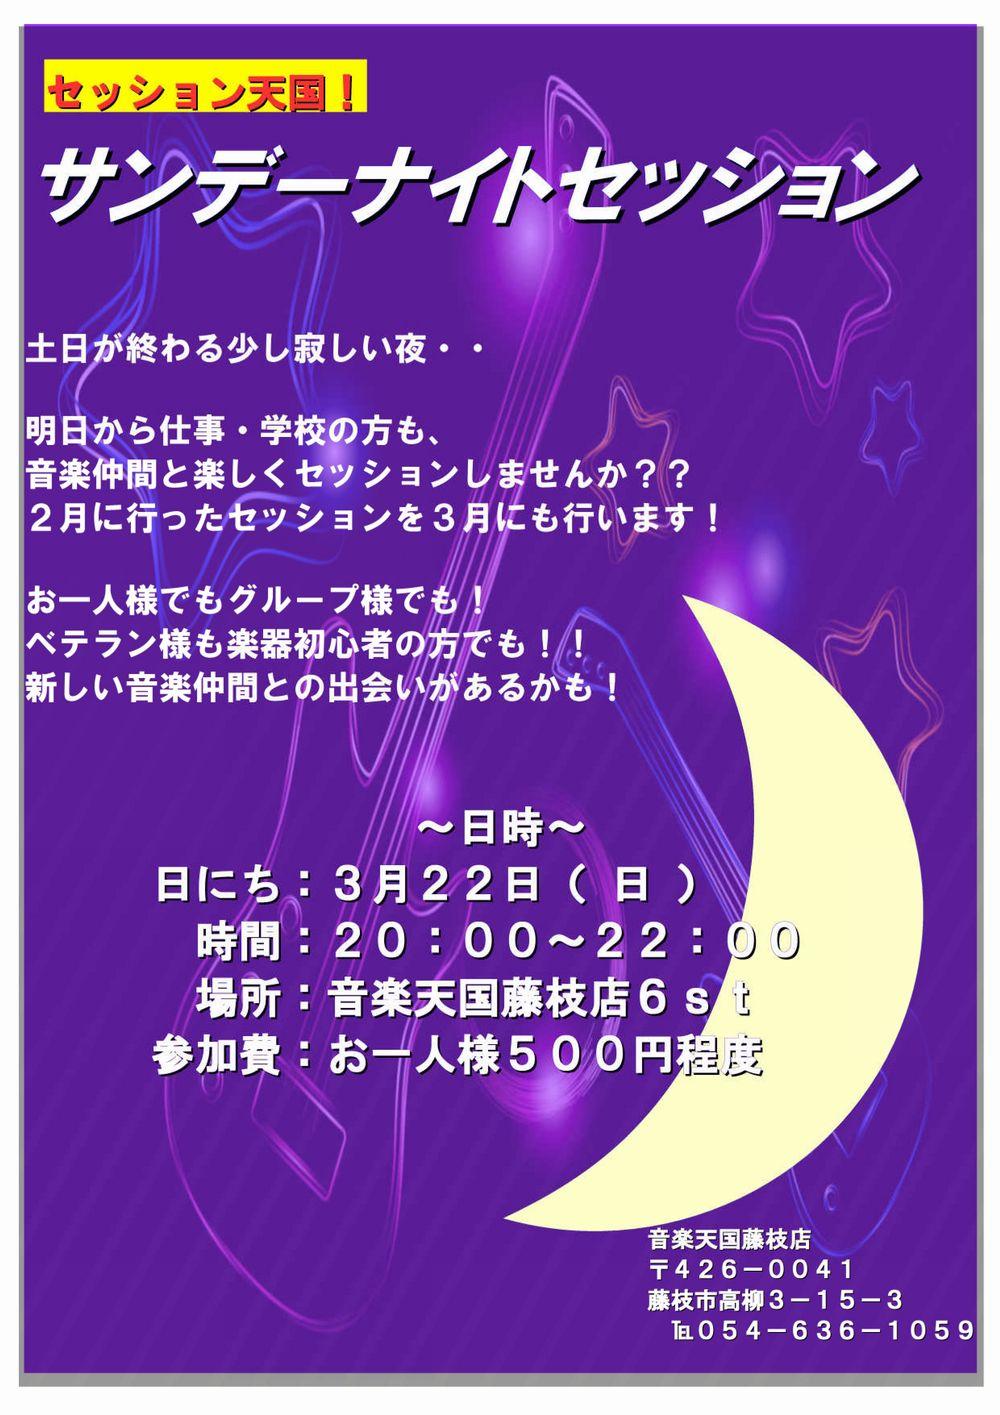 【サンデーナイトセッション】@音楽天国・藤枝店3月22日大好評開催!